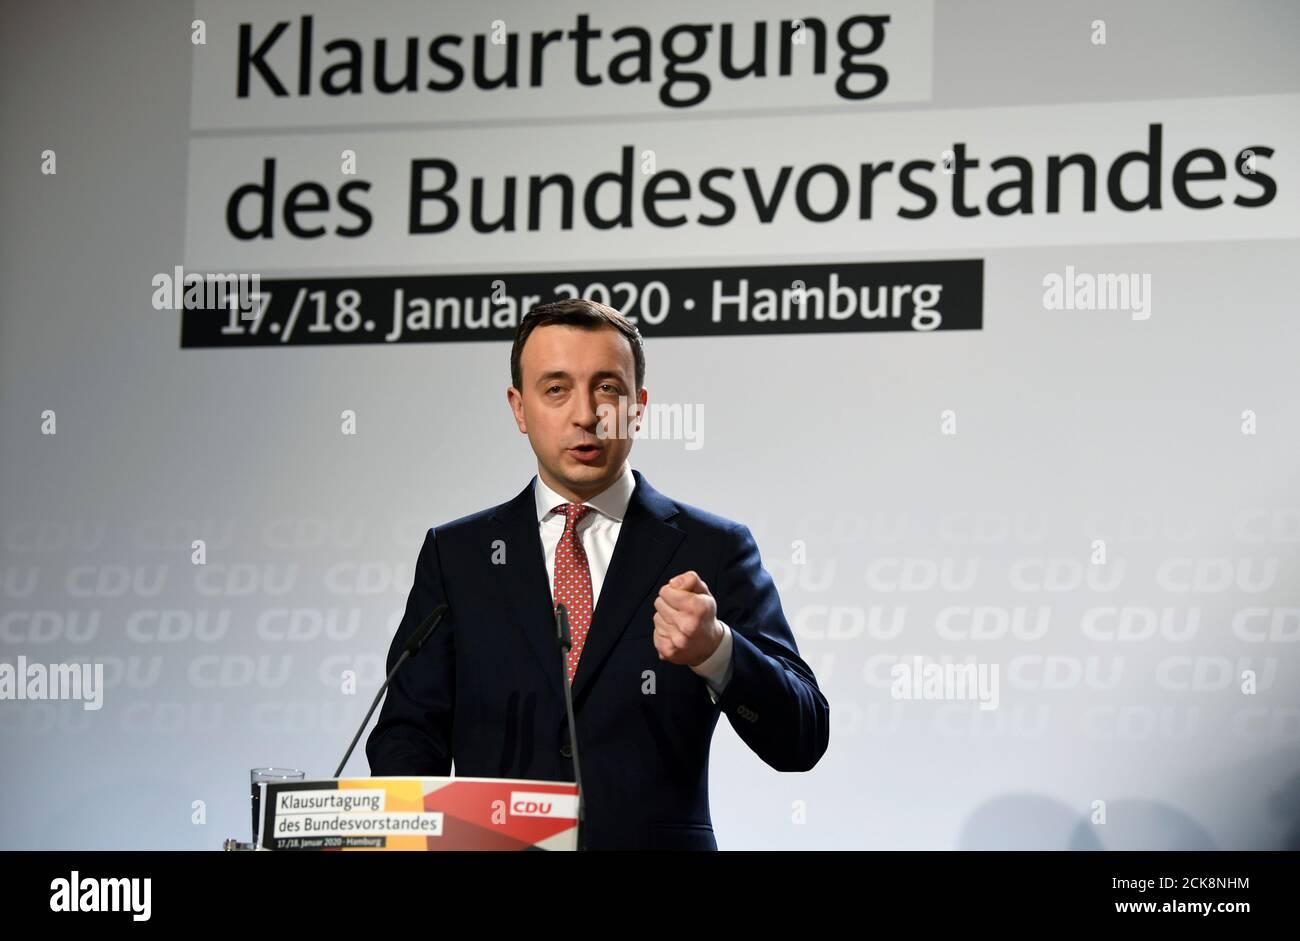 Le secrétaire général de l'Union chrétienne-démocrate allemande Paul Ziemiak parle lors d'une réunion du conseil d'administration de la CDU Hambourg, Allemagne le 17 janvier 2020. REUTERS/Fabian Bimmer Banque D'Images